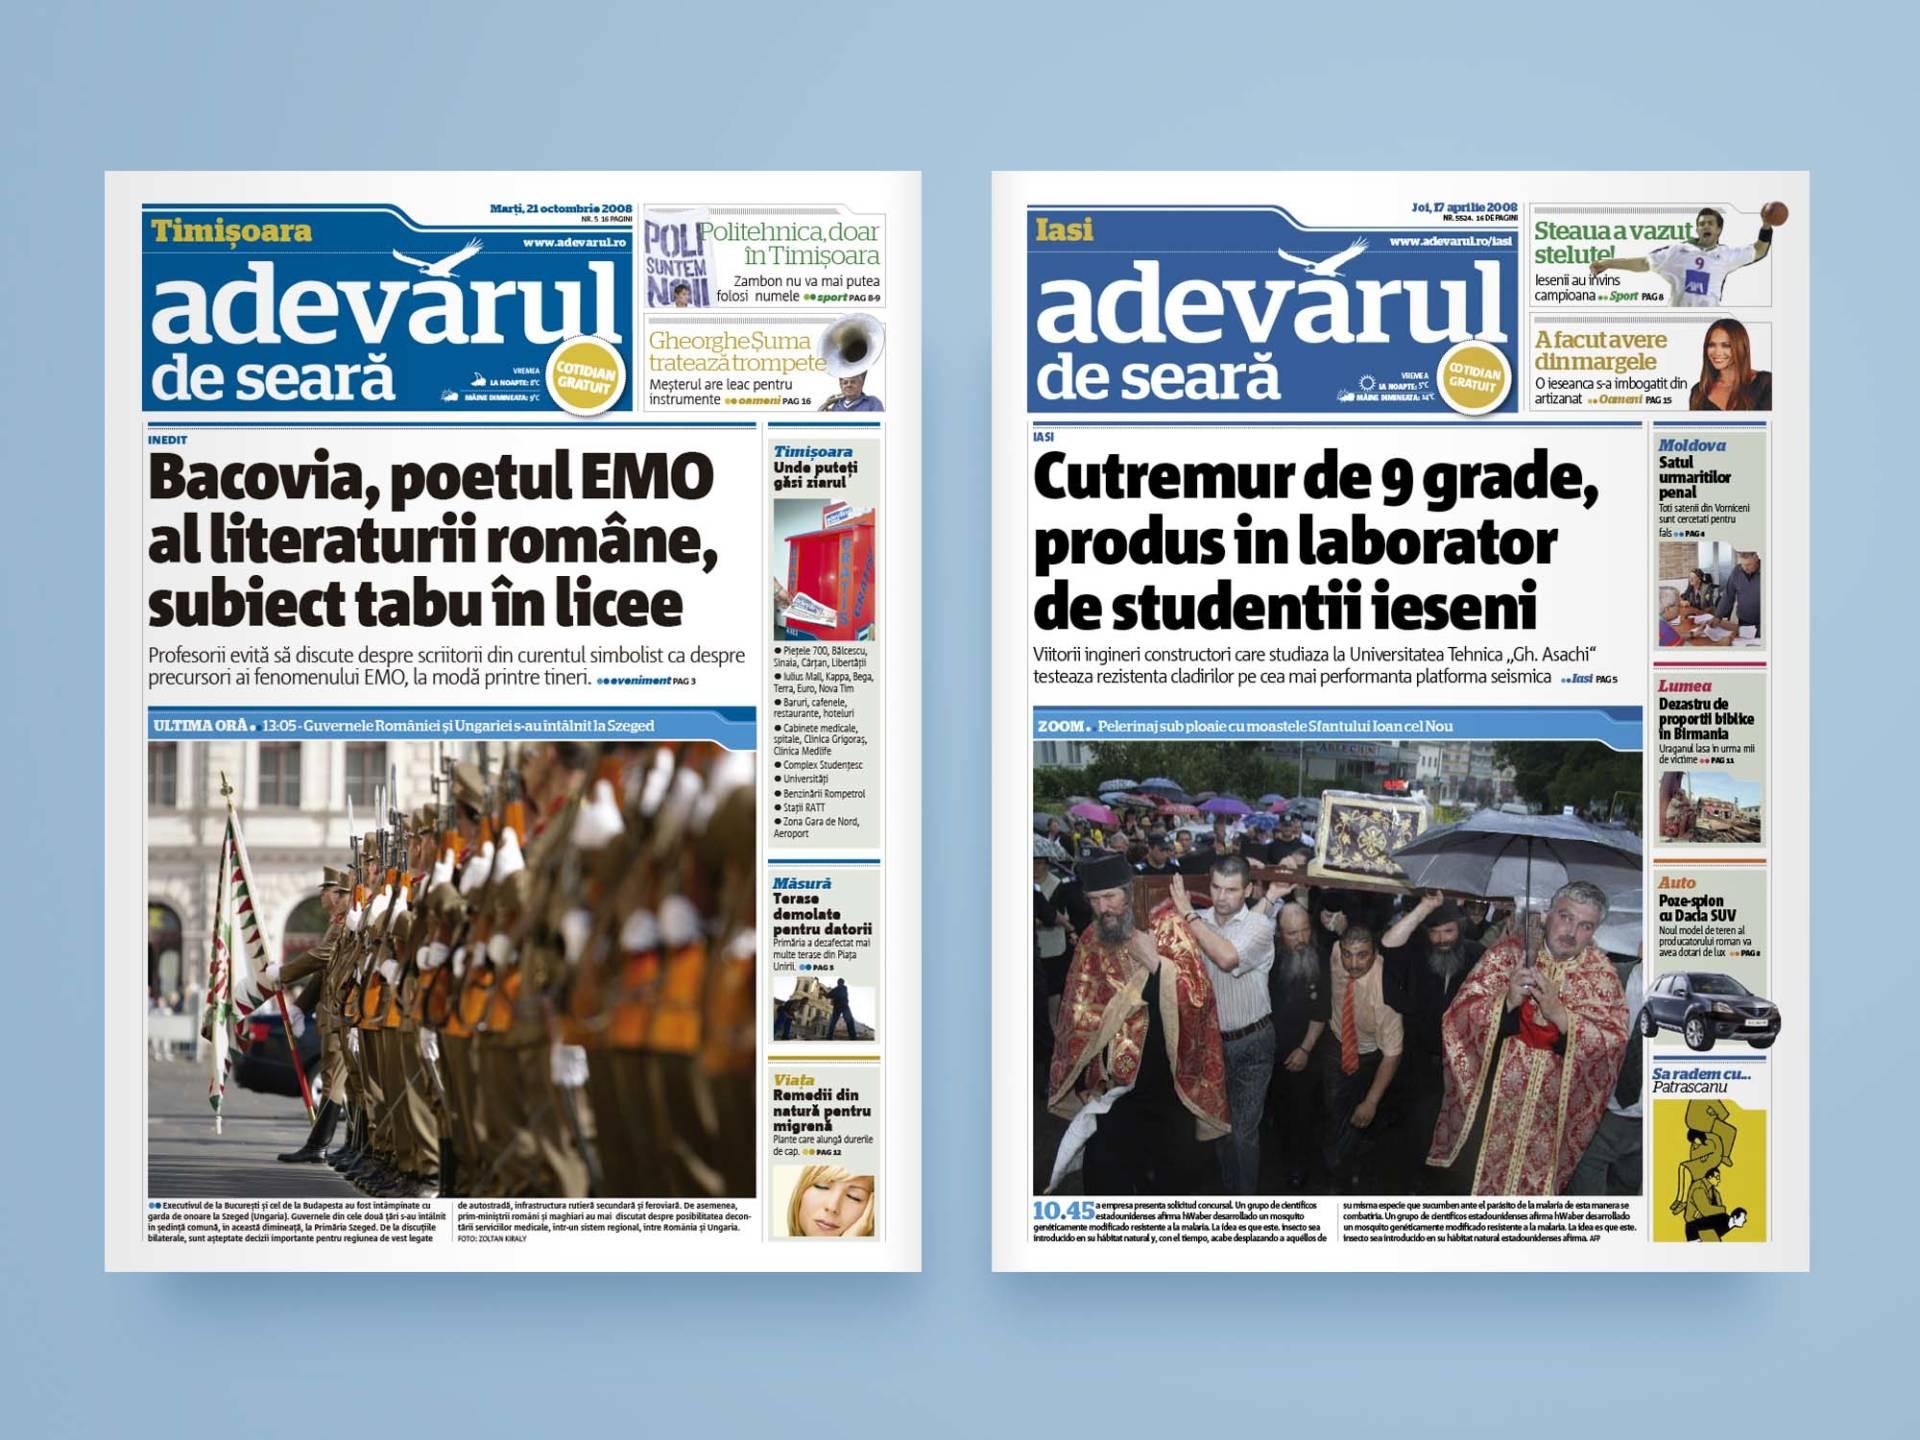 Adevarul_de_Seara_06_Wenceslau_News_Design